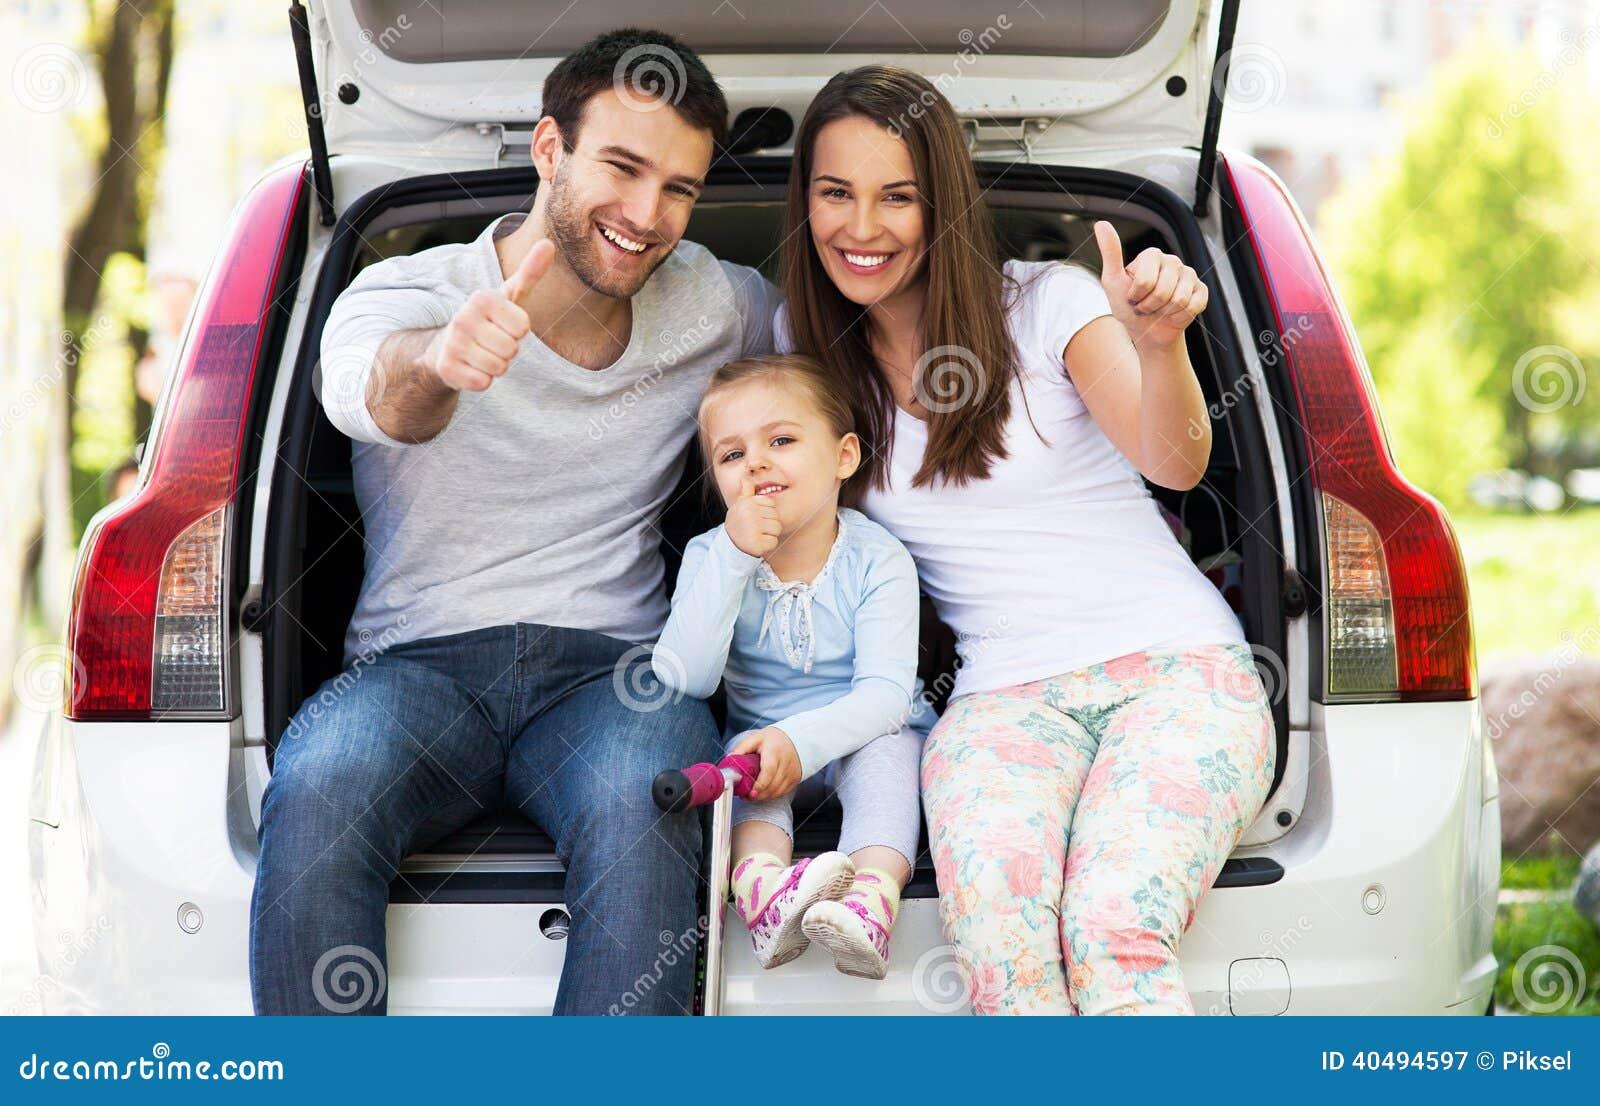 Семья в автомобиле показывая большие пальцы руки вверх